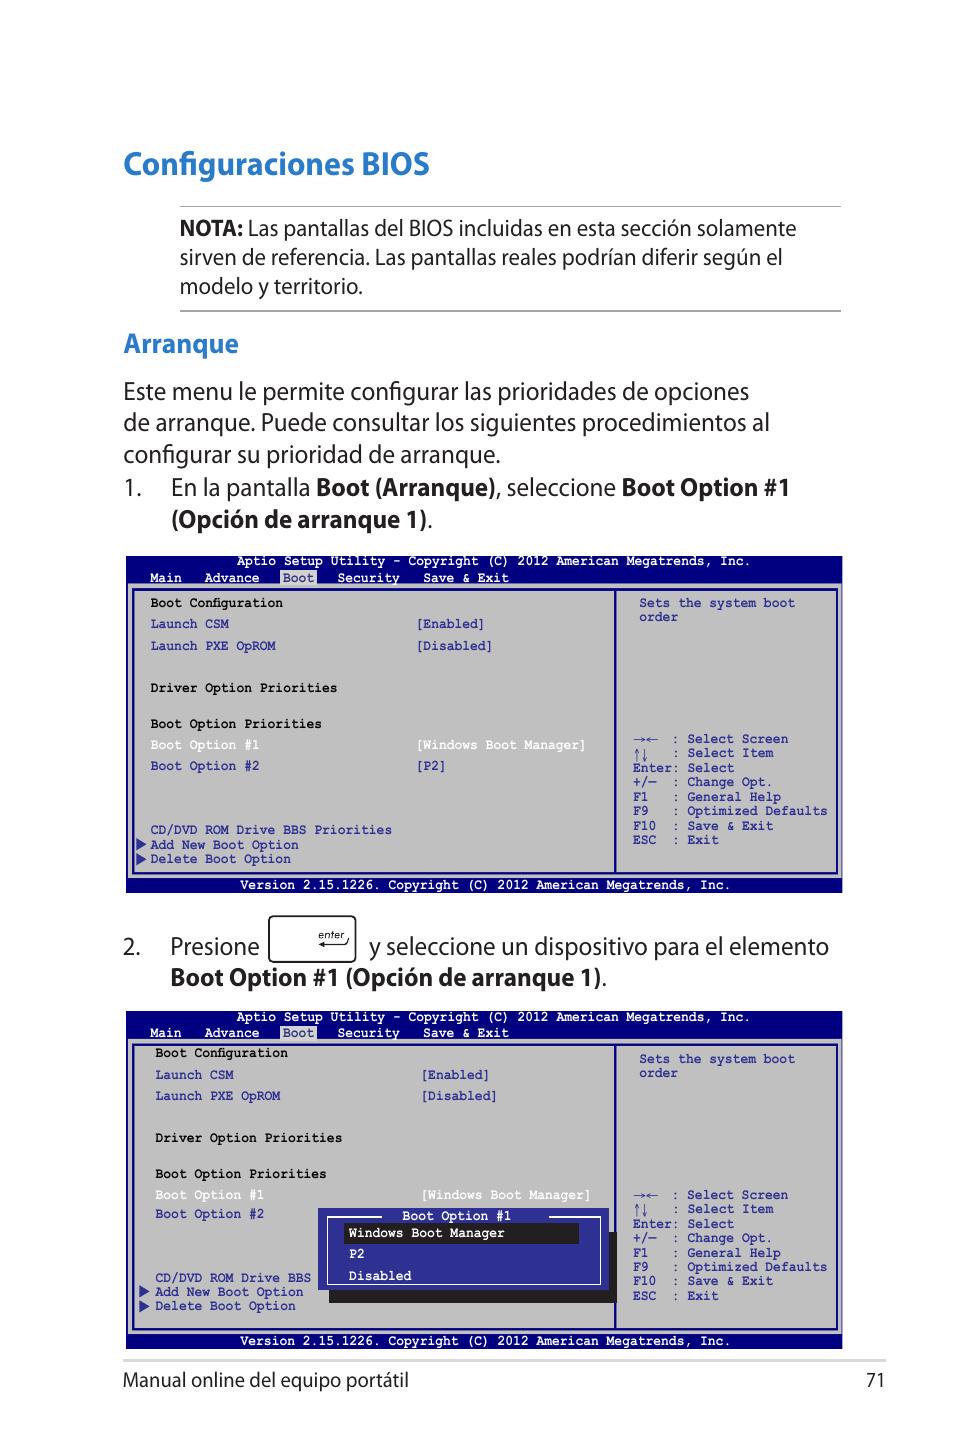 Configuraciones bios, Arranque, Manual online del equipo portátil 71